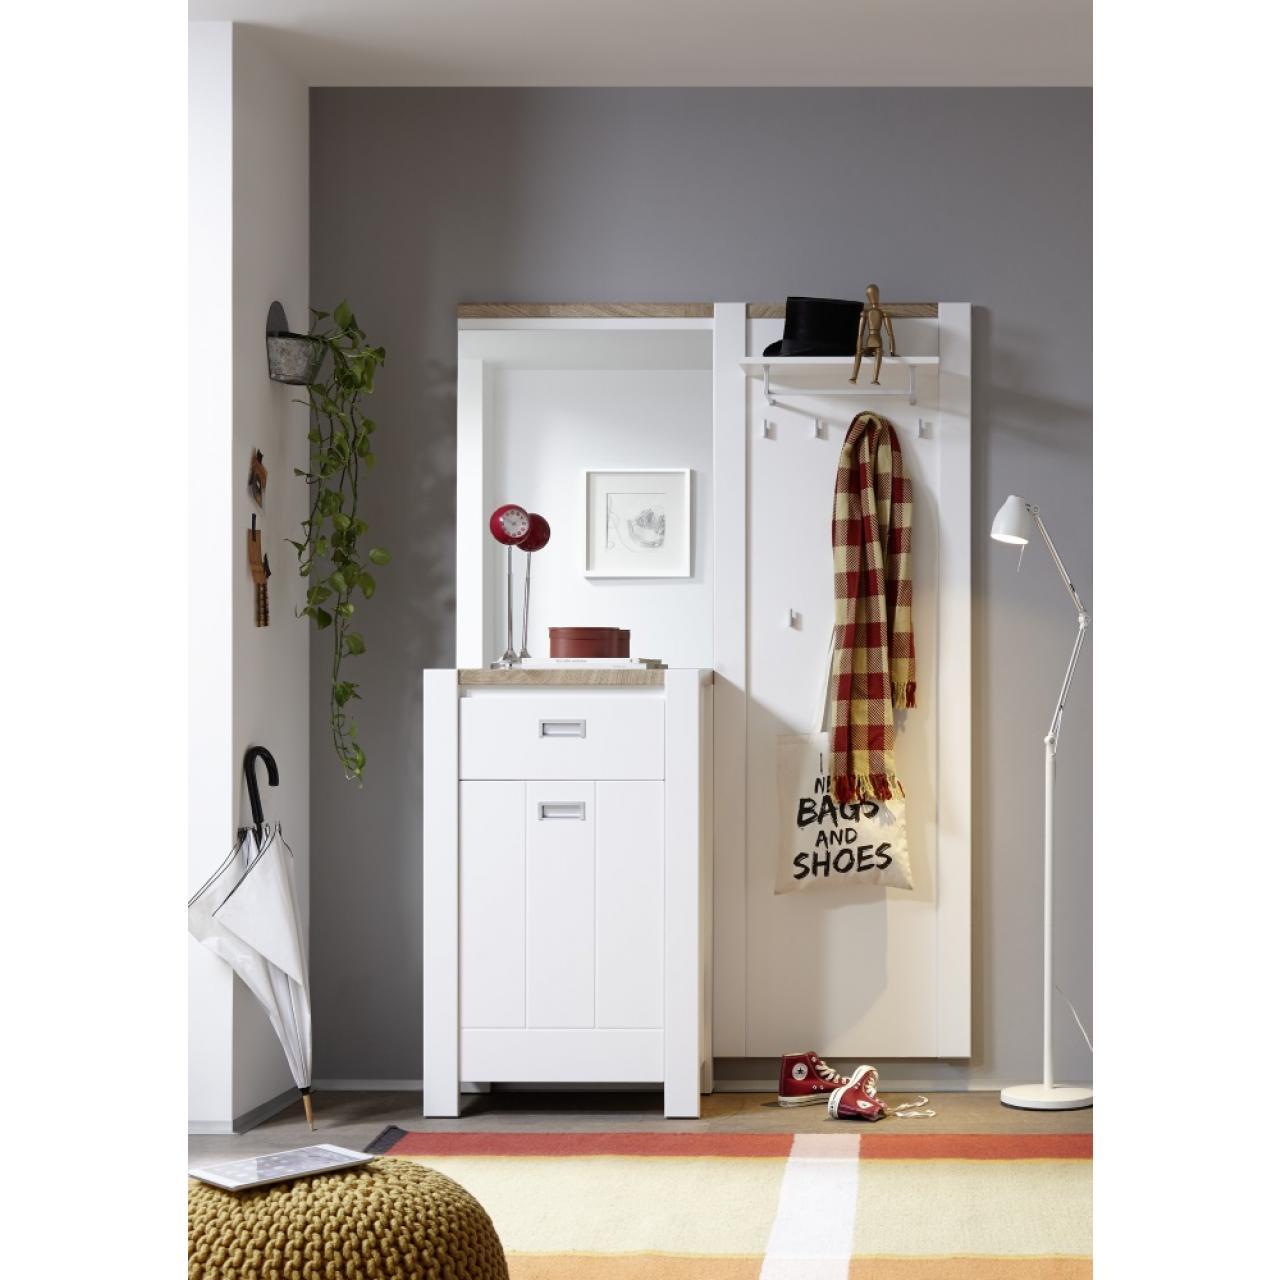 kompaktgarderobe melly garderoben wohnen m bel j hnichen center gmbh. Black Bedroom Furniture Sets. Home Design Ideas